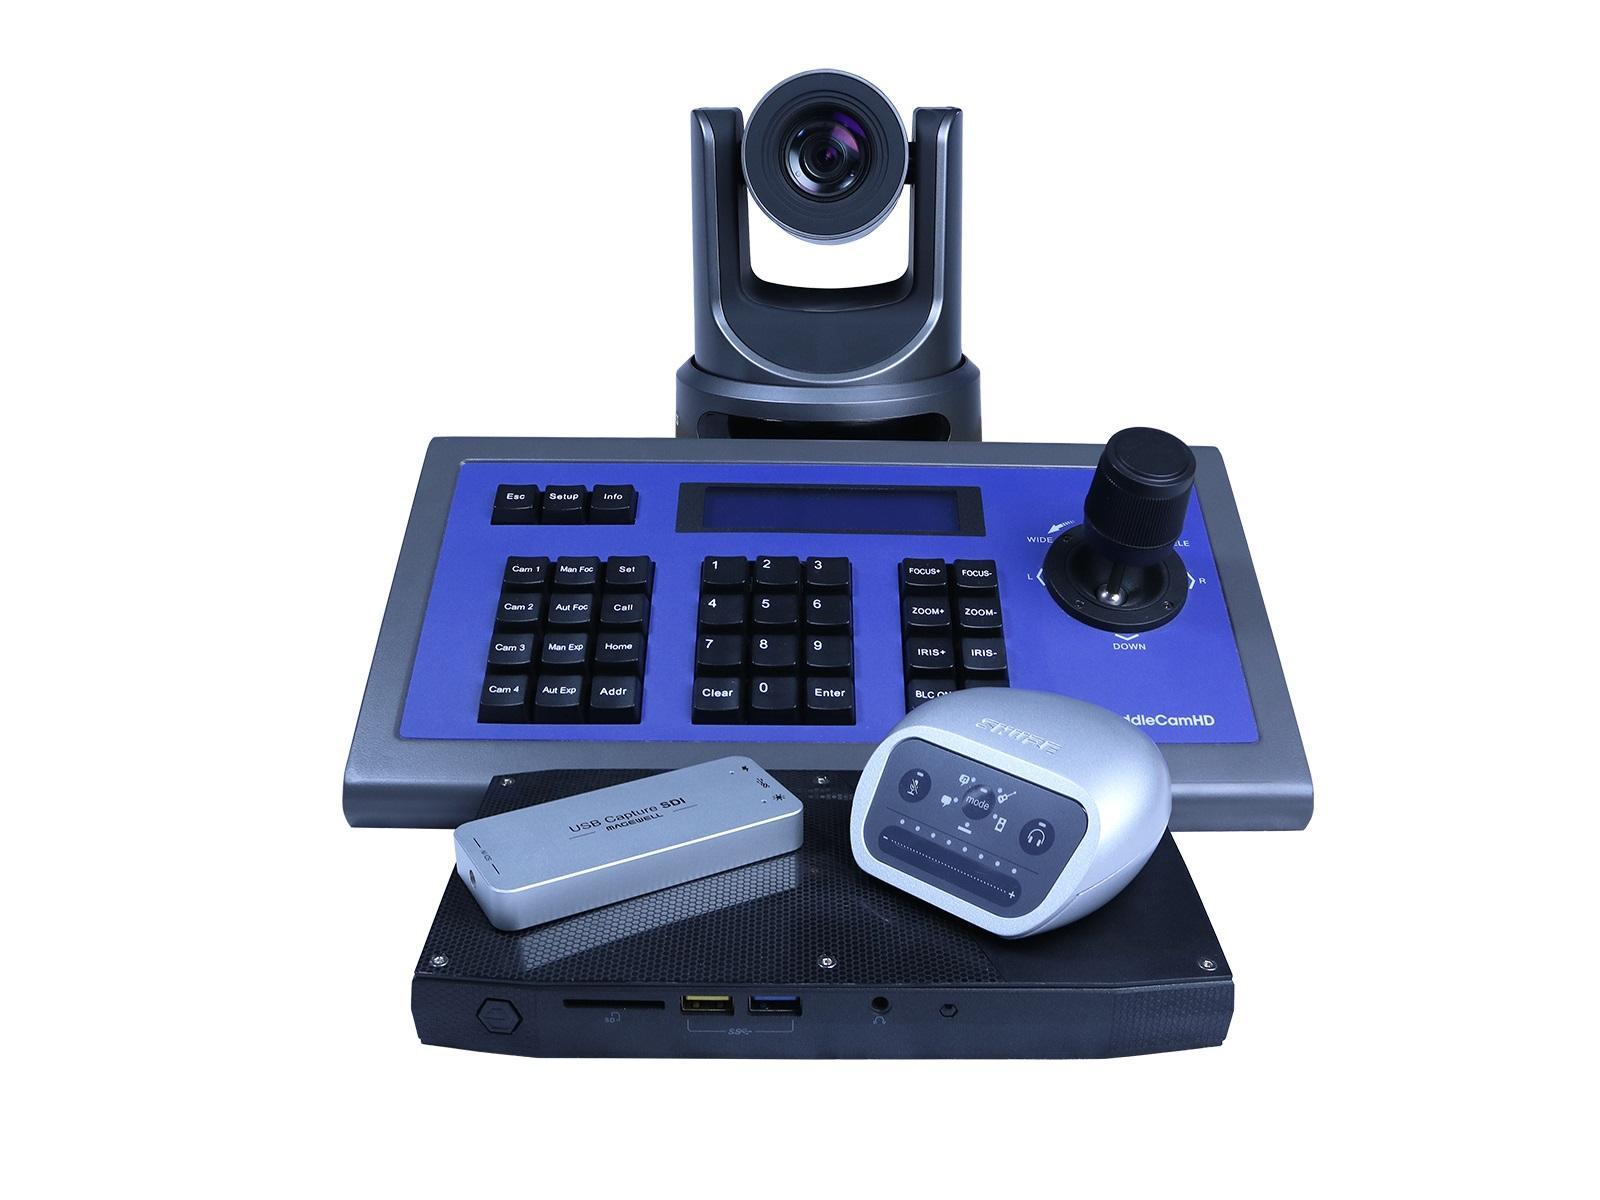 PTZOptics PT-PRODUCER-30X PTZOptics 30X Live Streaming Kit (2 Camera Maximum)